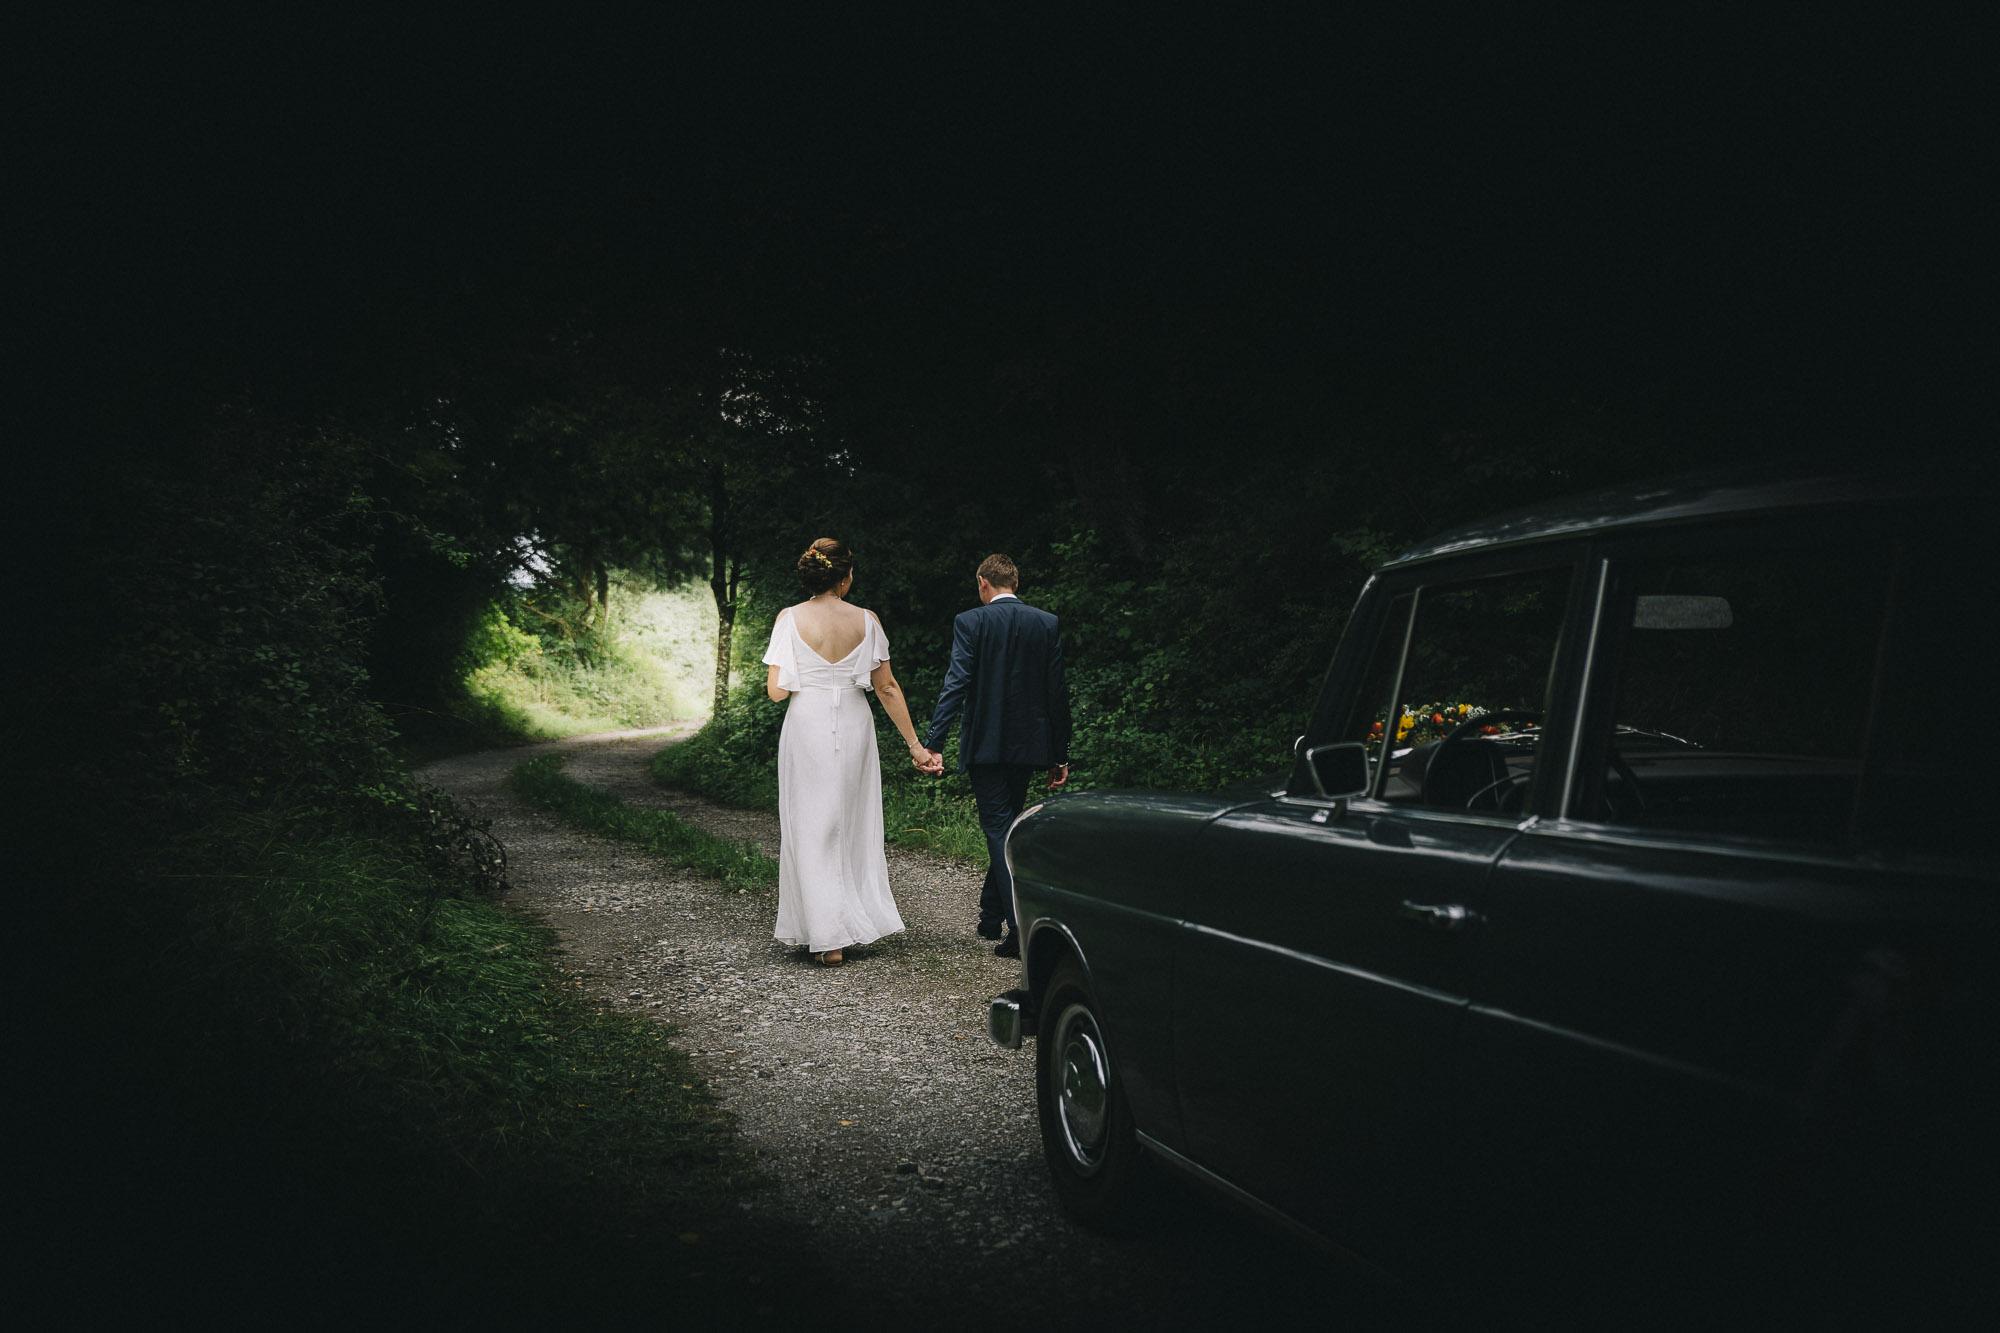 Hochzeitsreportage-Crailsheim-Krystina-Stefan-30